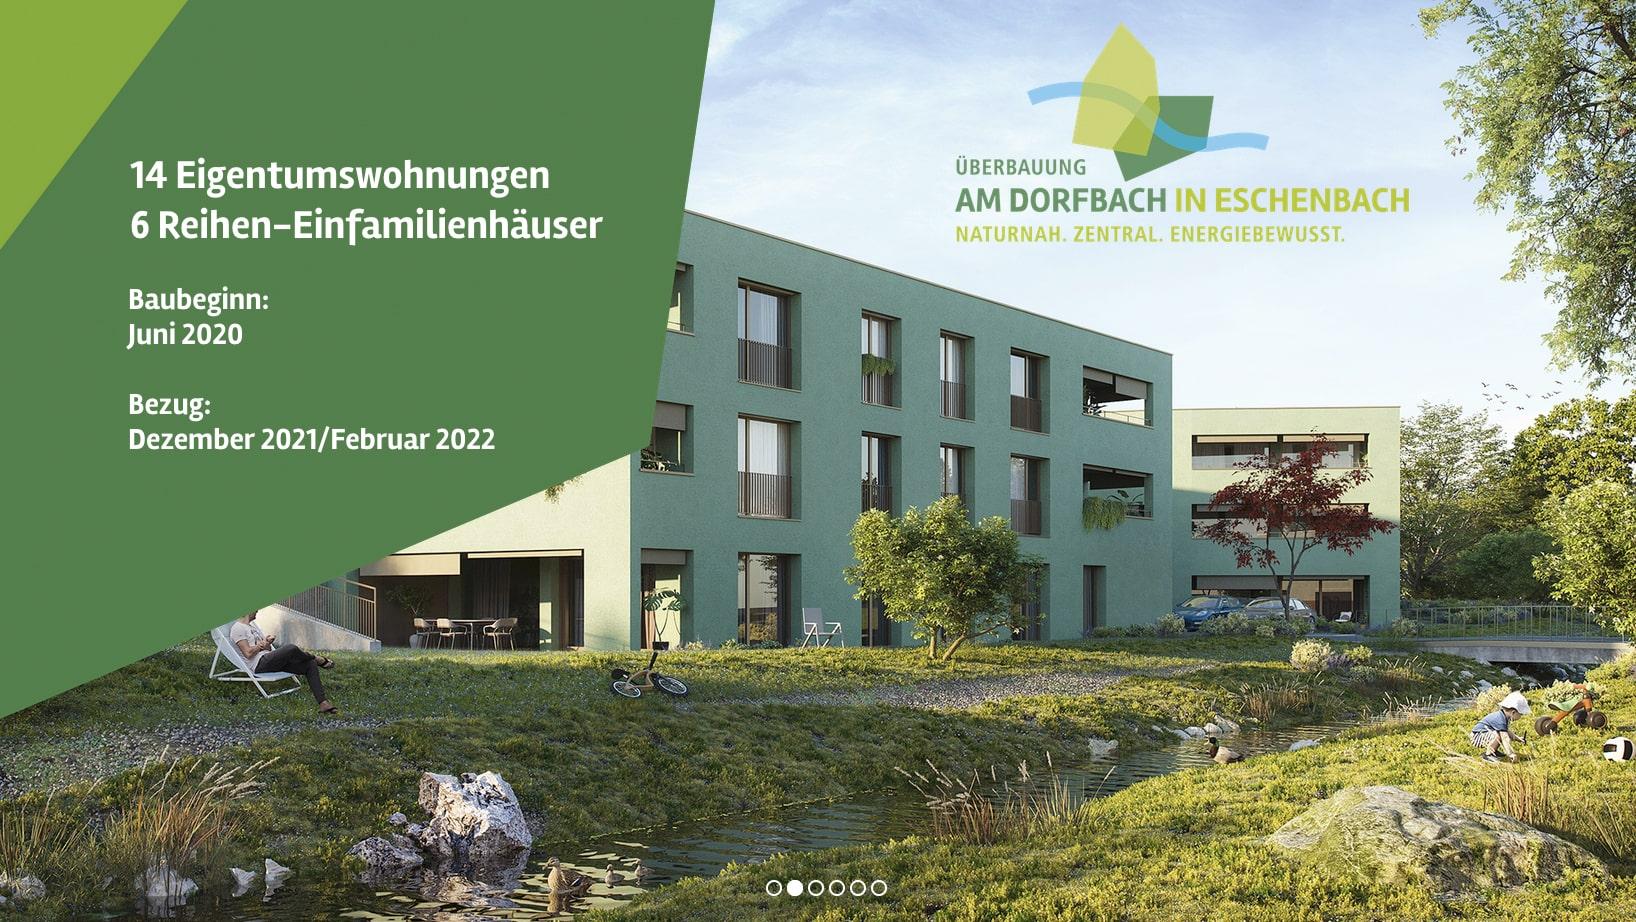 Conseo Portfolio | Wohnen am Dorfbach, Überbauung Eschenbach